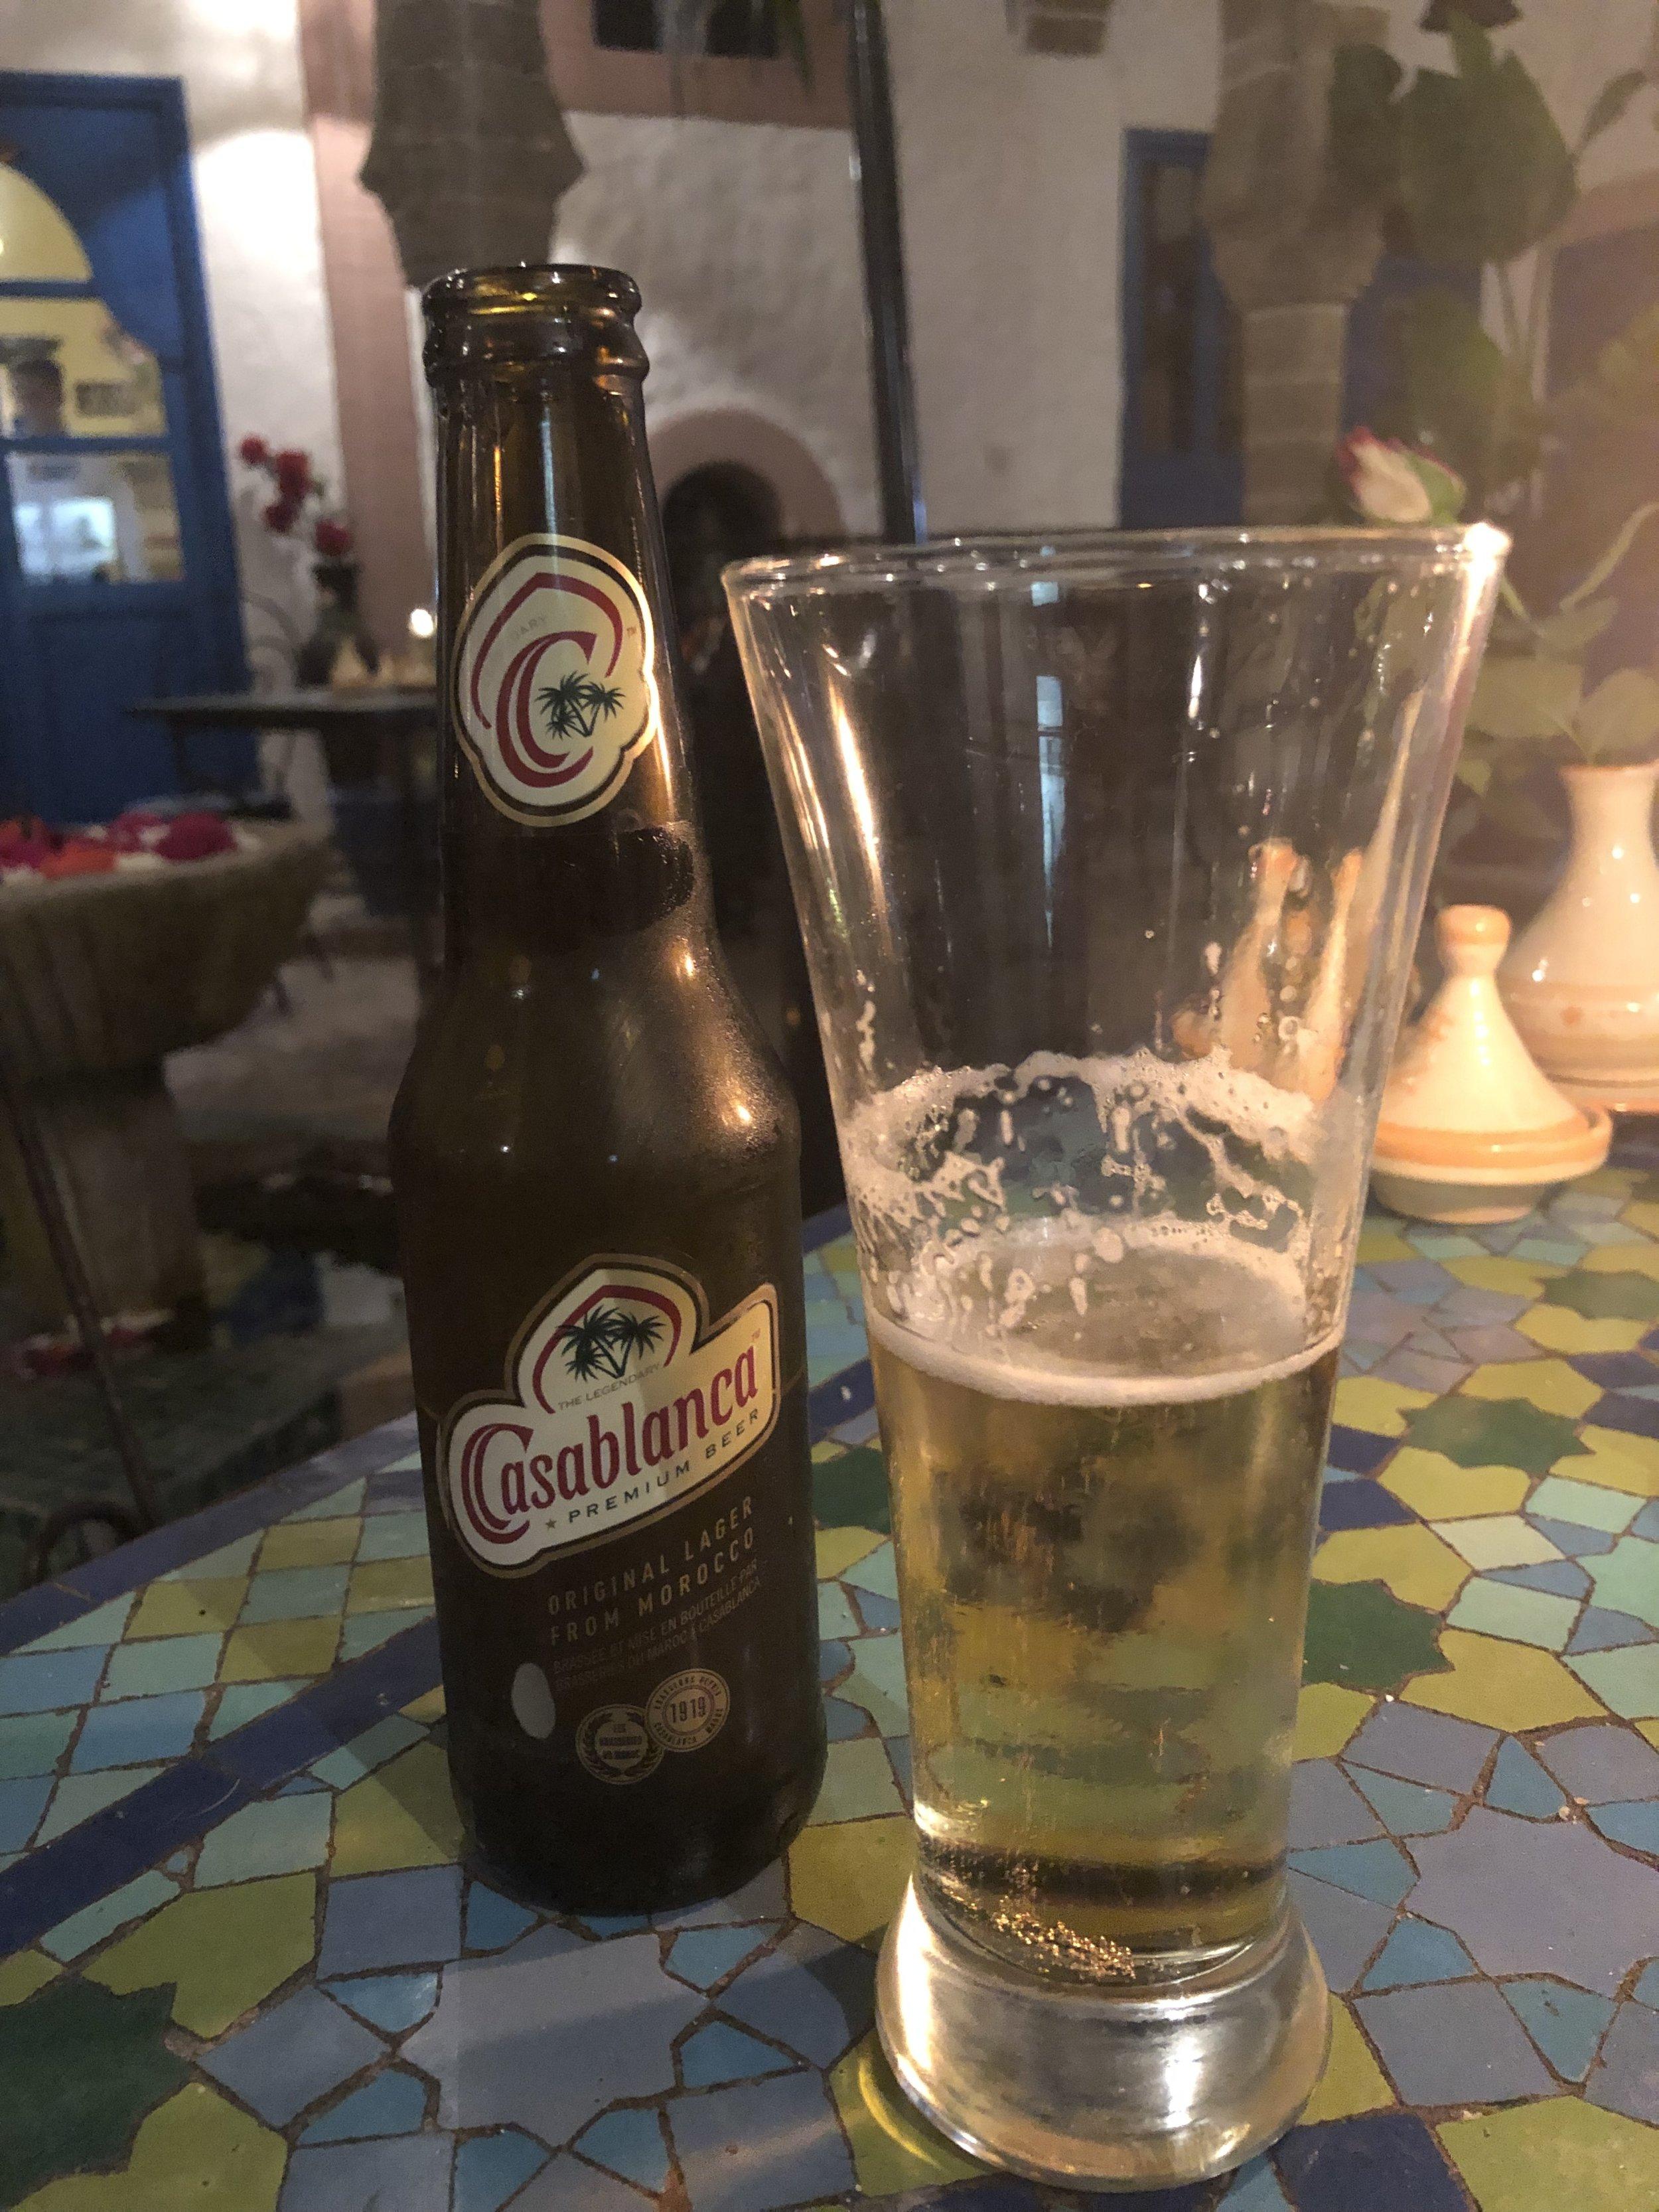 40dhm 500円くらいかな。 飲みやすいビール。 久しぶりのお酒。